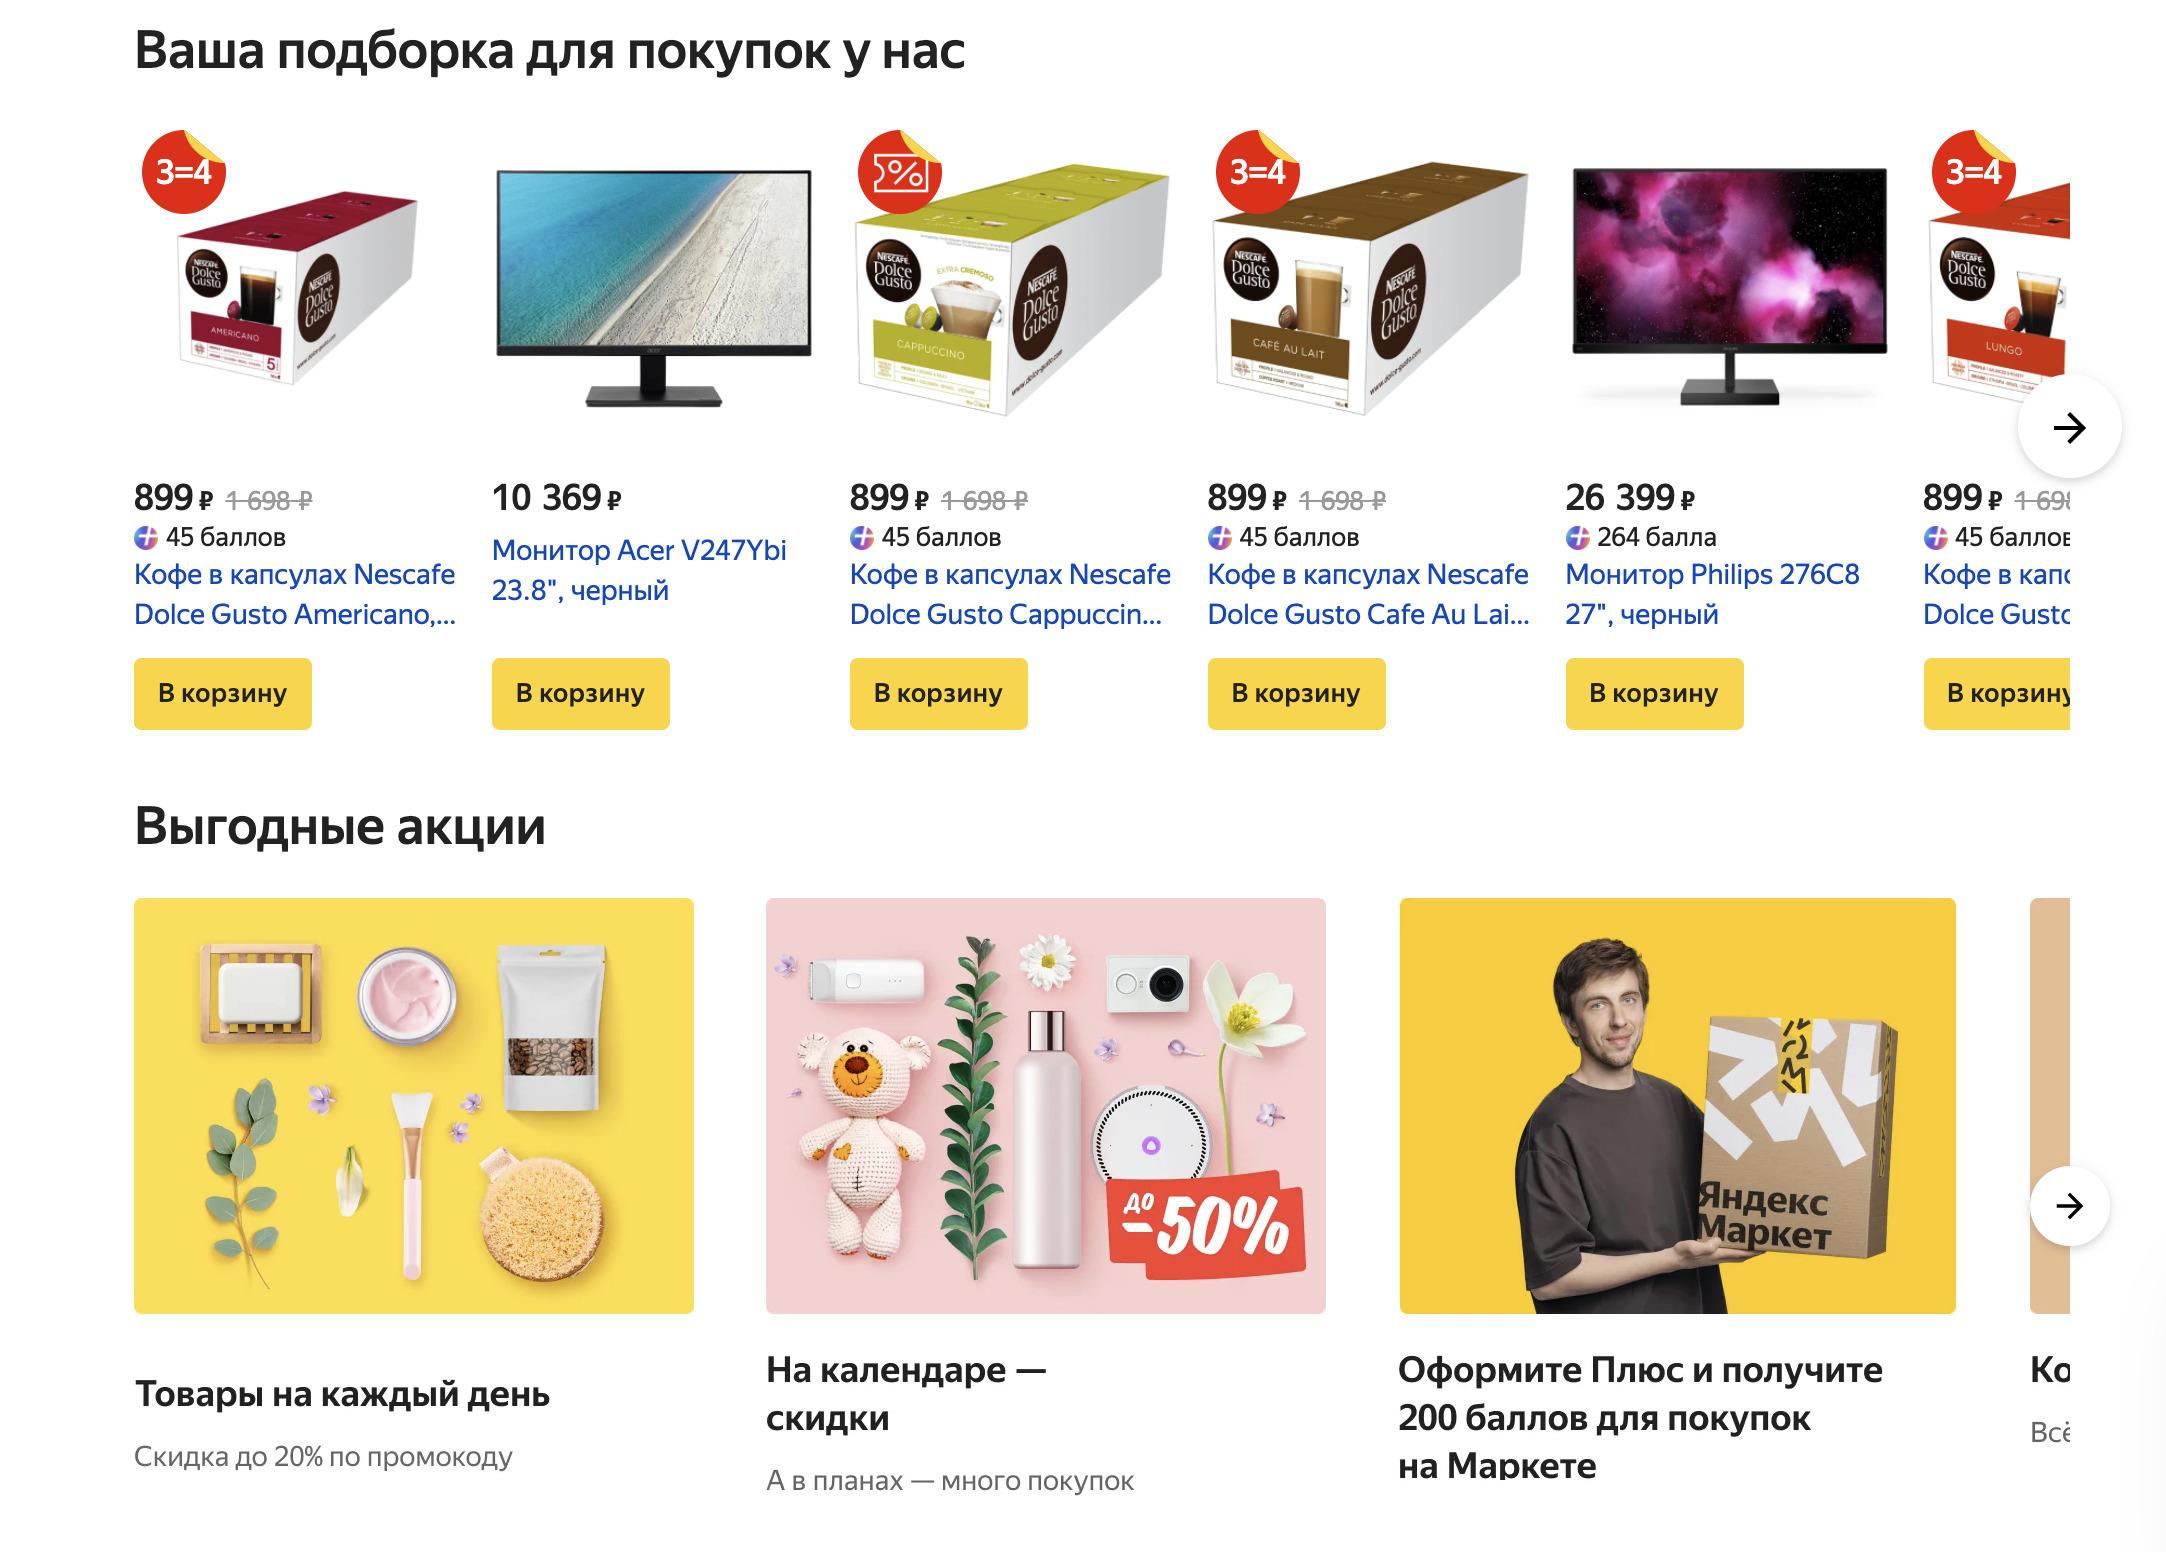 Доставка из Яндекс.Маркет в Симферополь, сроки, пункты выдачи, каталог